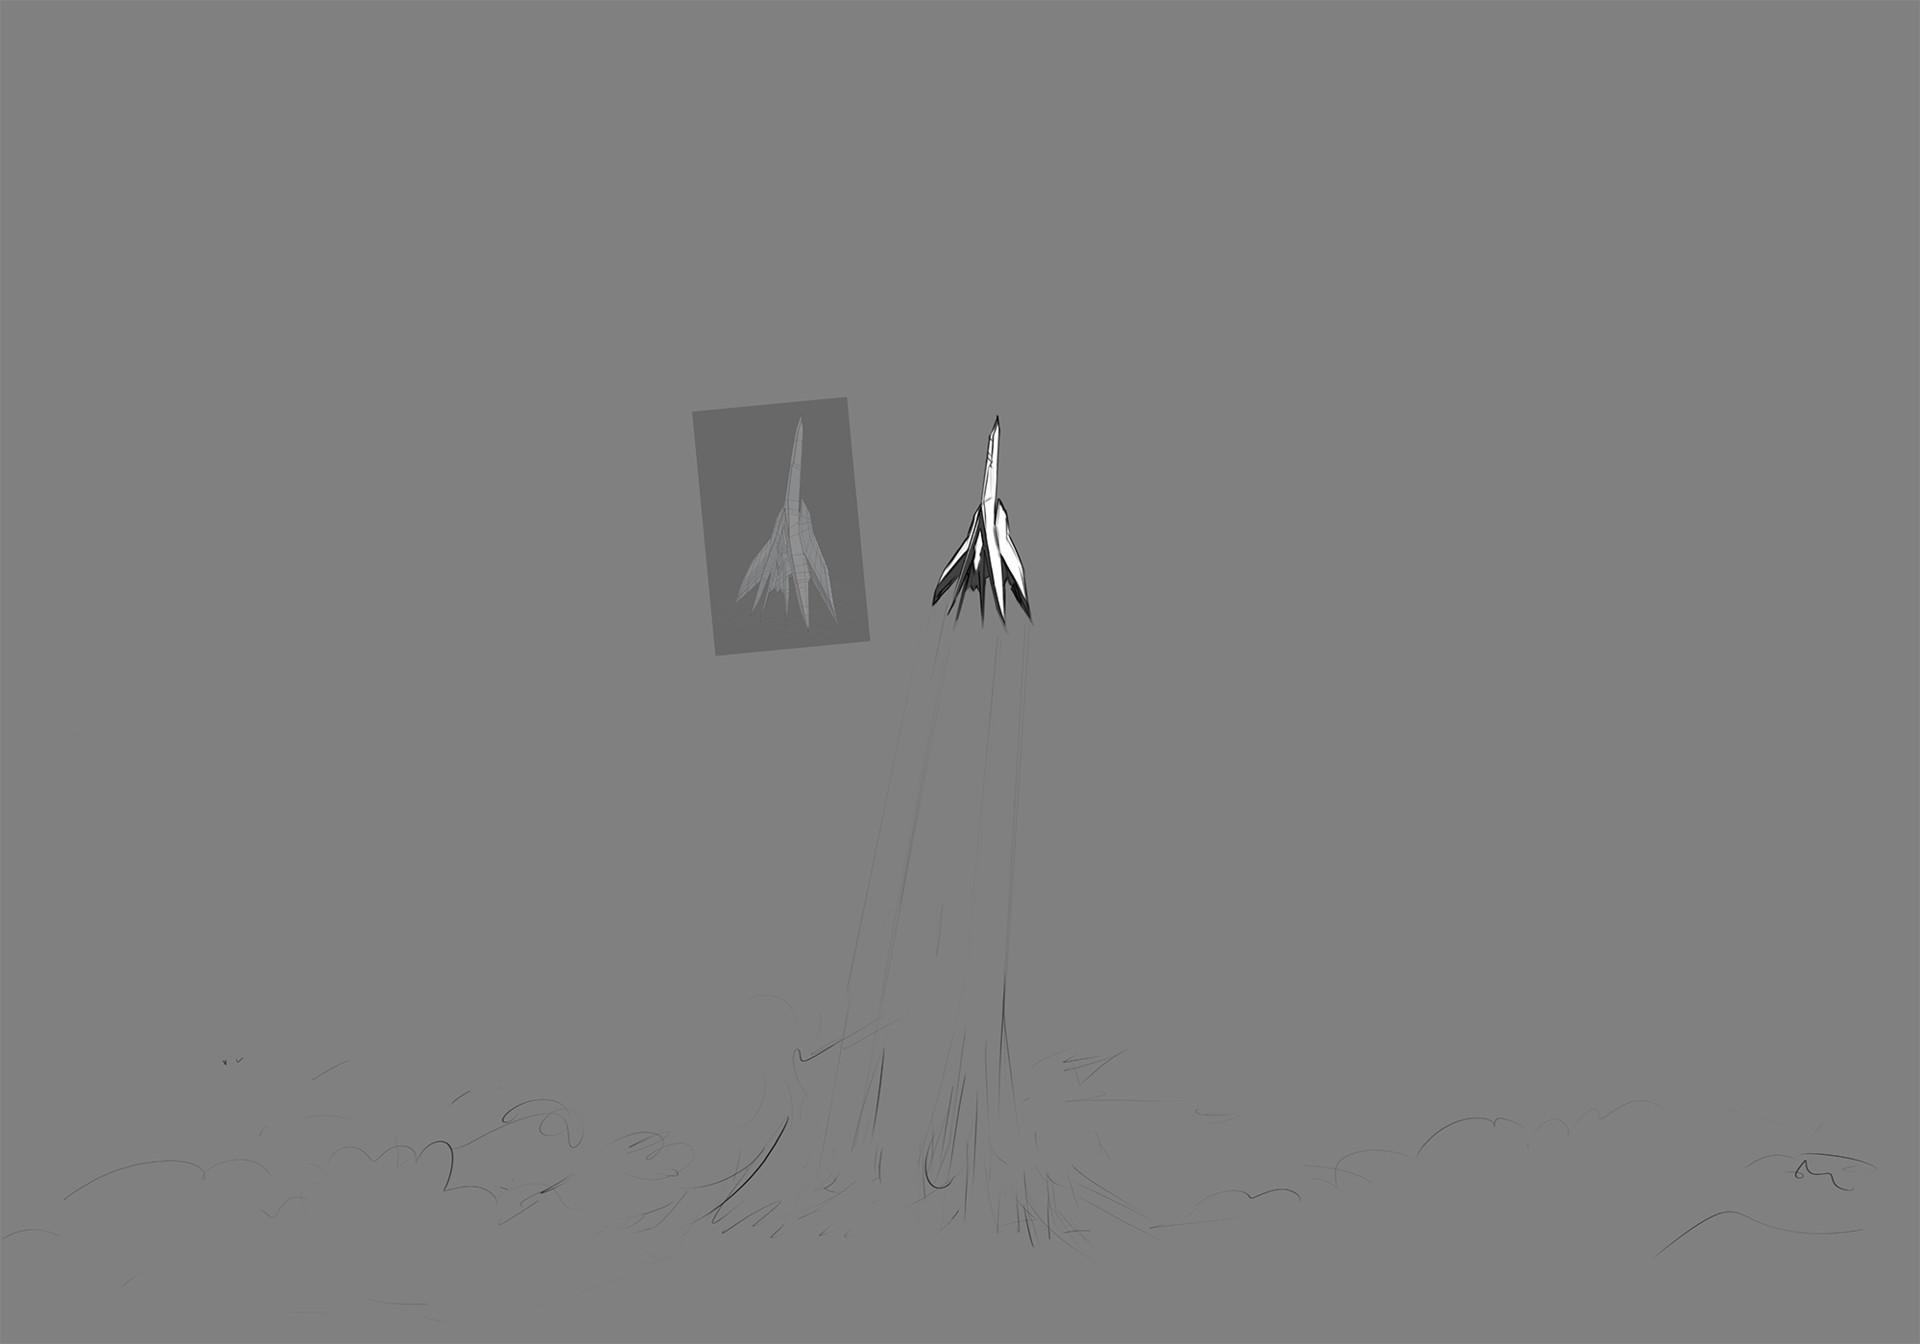 Shoji ushiyama iakan ascend sketch